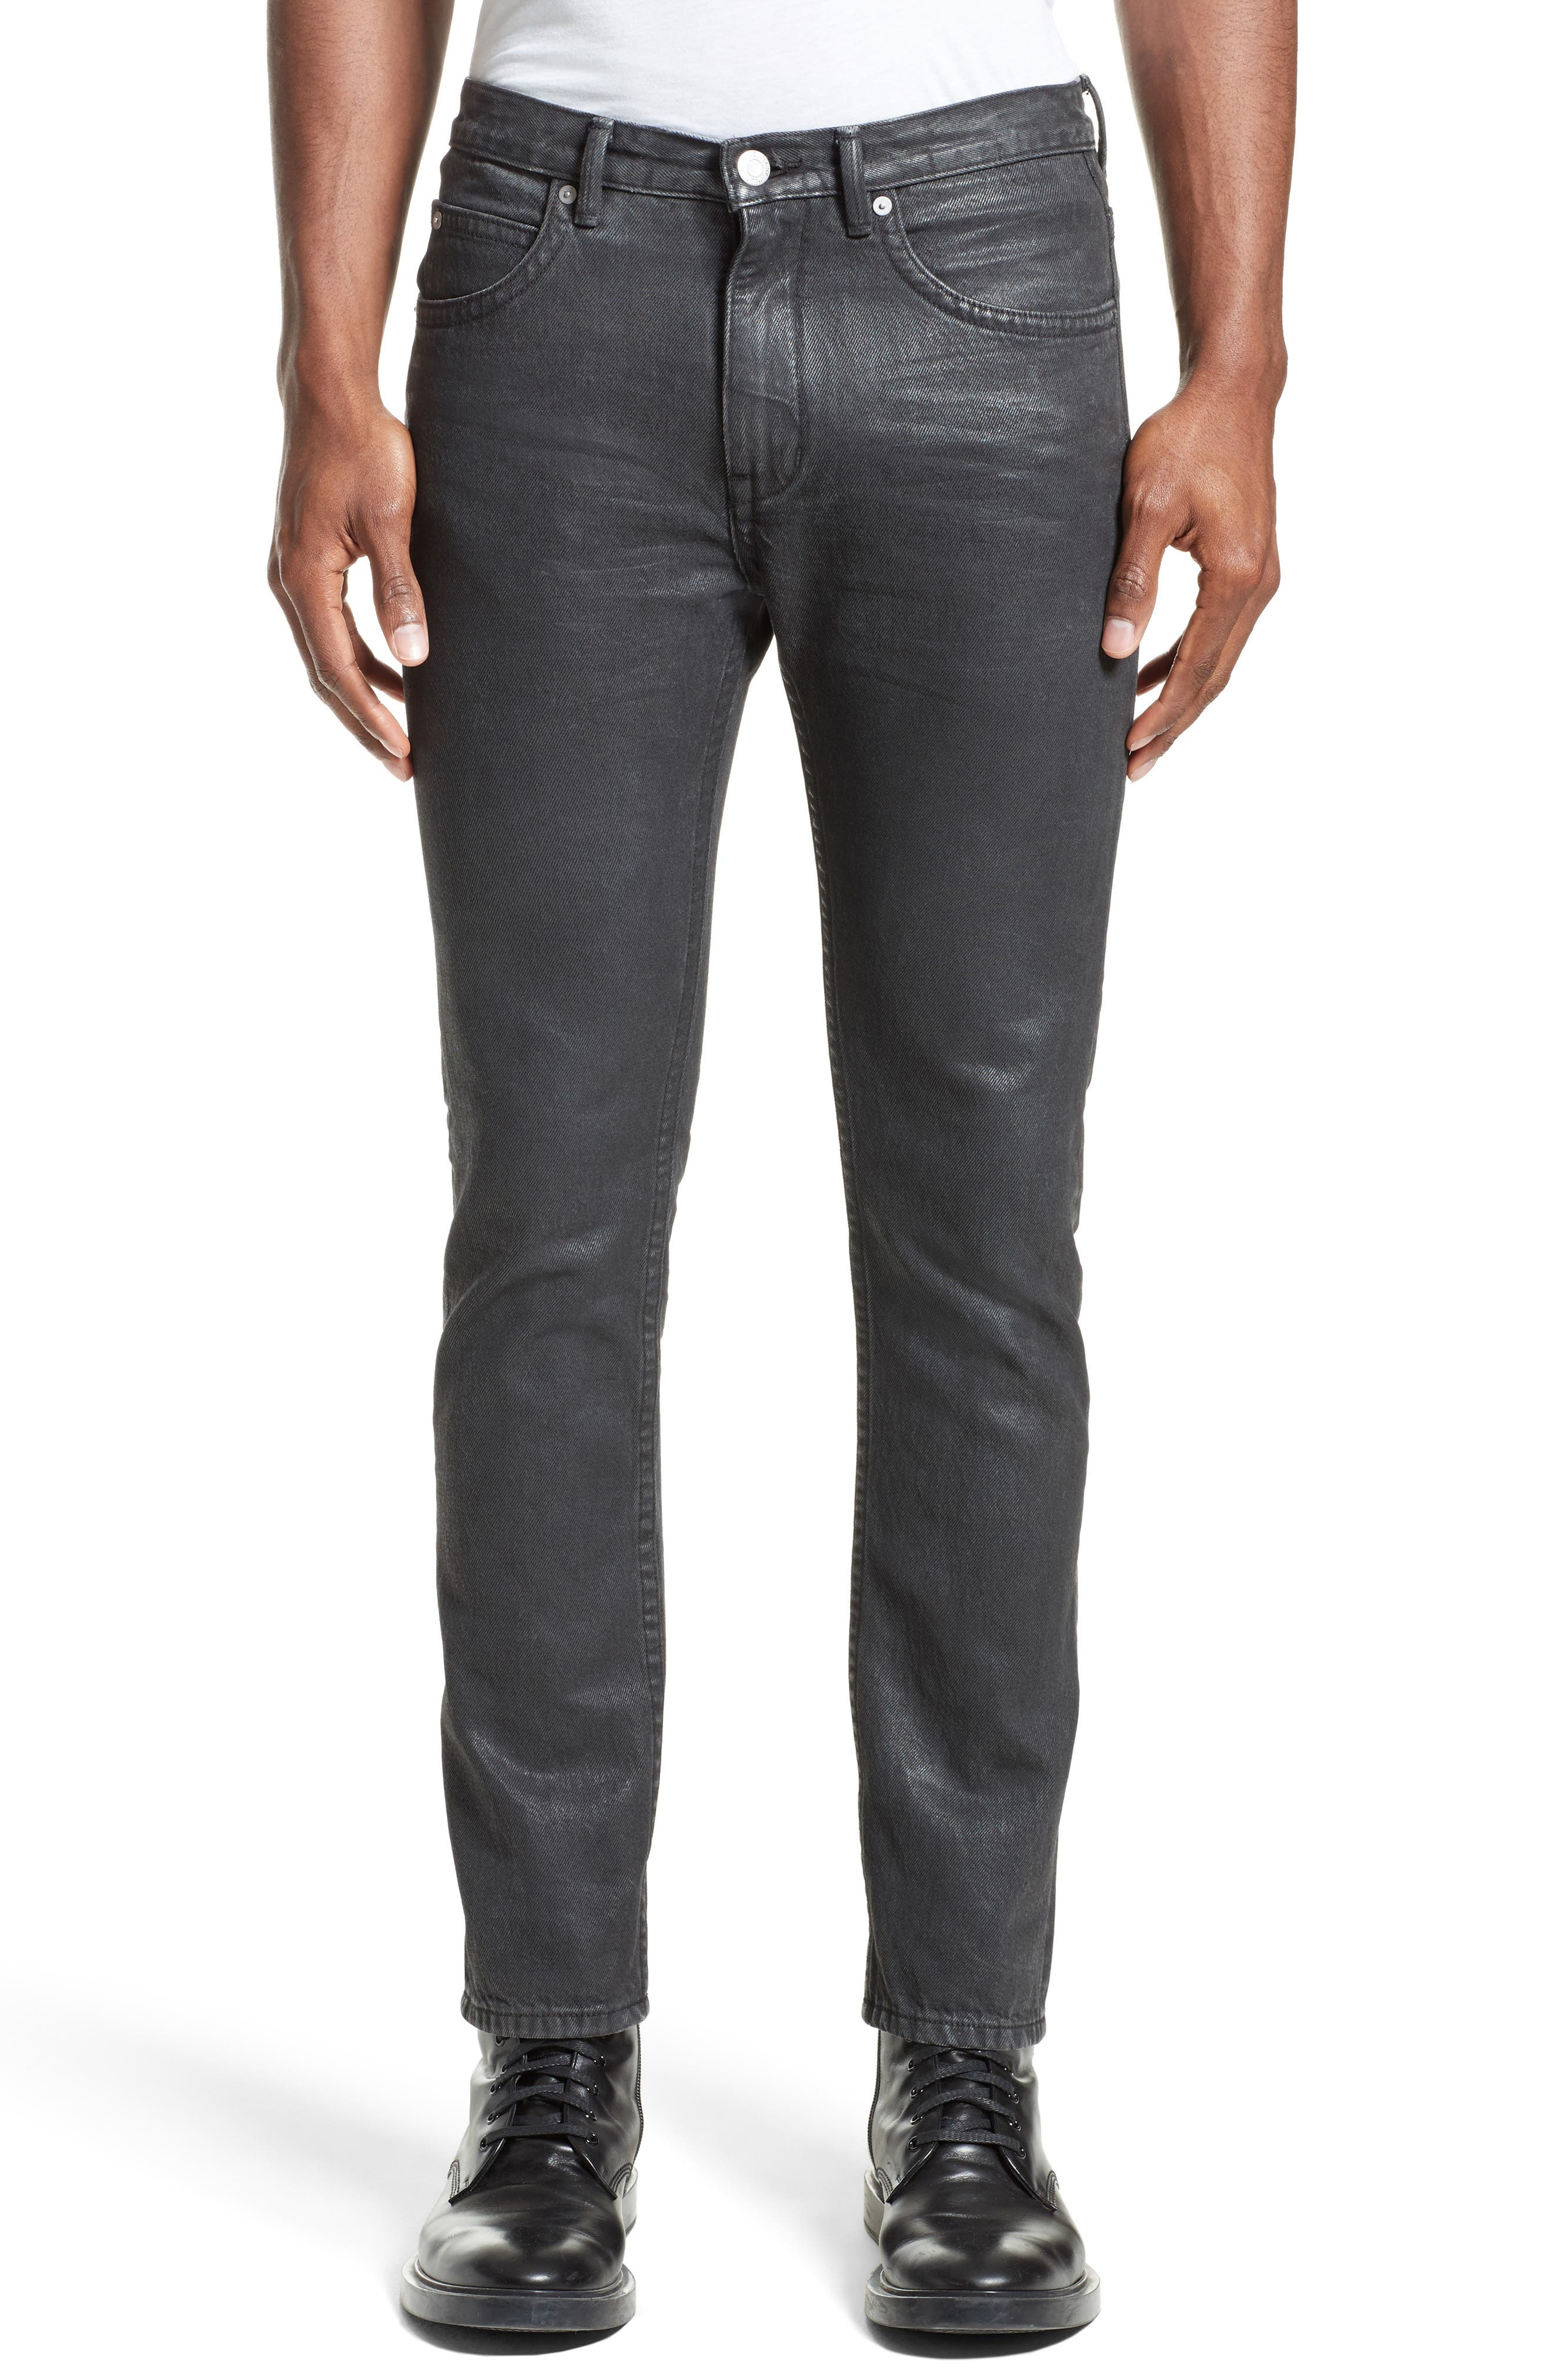 MR 87 Jeans,                             Main thumbnail 1, color,                             Eclipse Exhaust